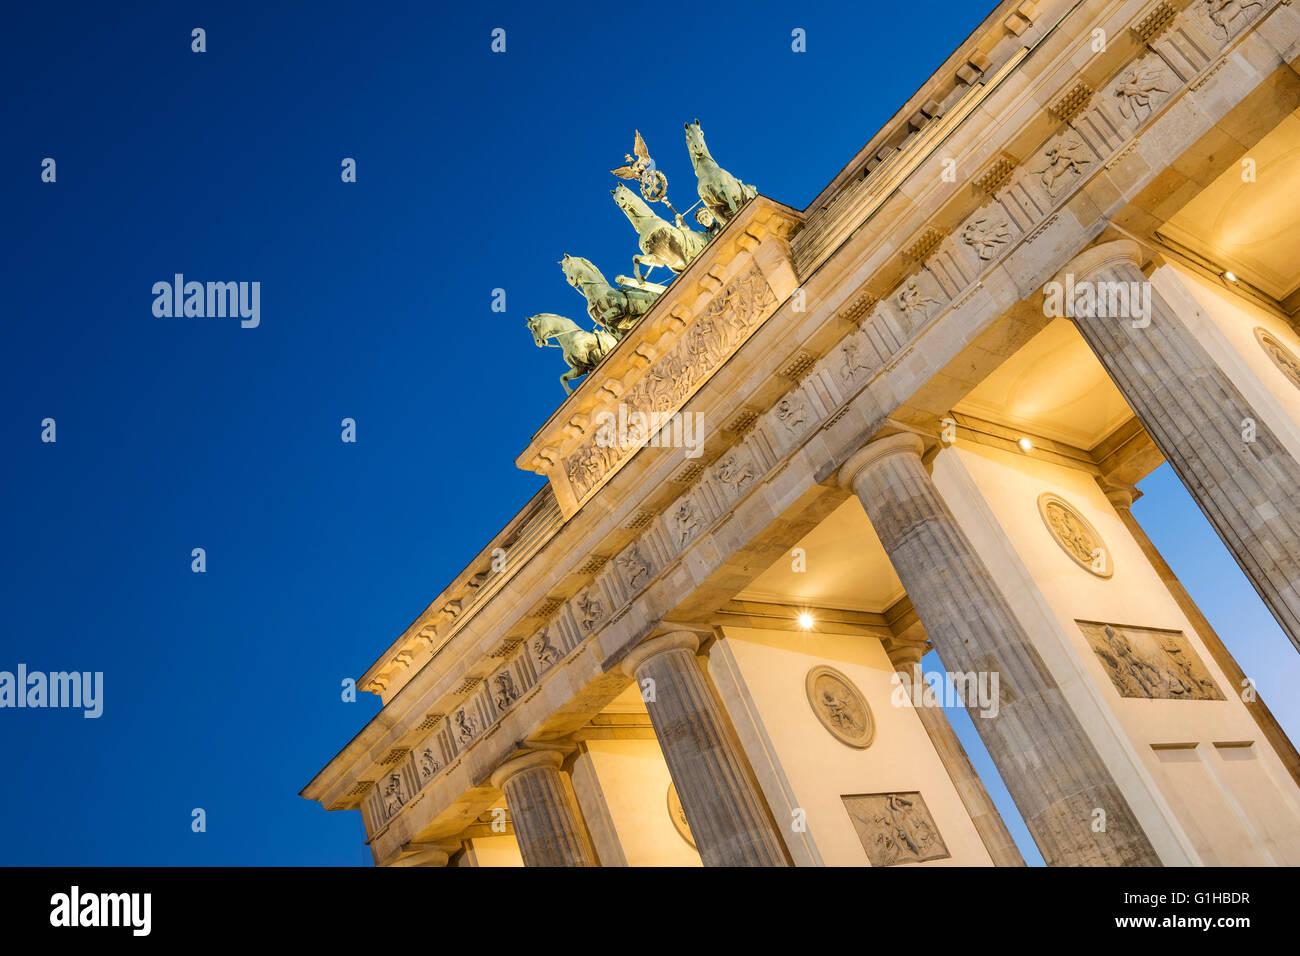 Puerta de Brandeburgo, en la noche de Berlín en Alemania Imagen De Stock